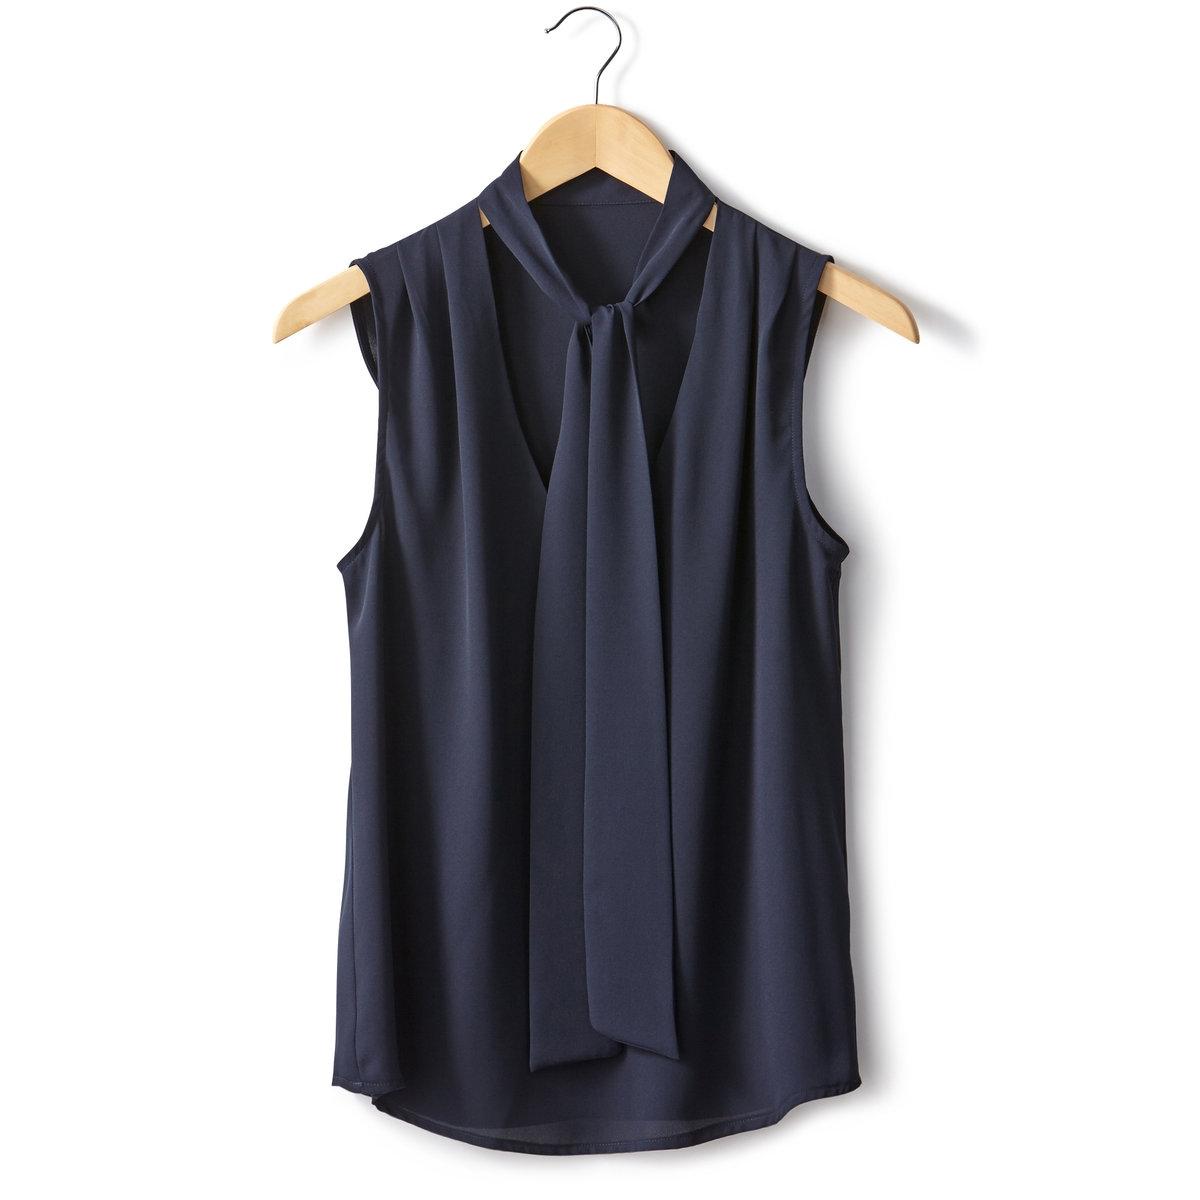 Блузка без рукавовБлузка из струящегося крепа, 100% полиэстера. Завязки на вырезе. V-образный вырез. Складки на плечах спереди. Закругленный низ. Длина 66 см.<br><br>Цвет: синий морской<br>Размер: 40 (FR) - 46 (RUS)